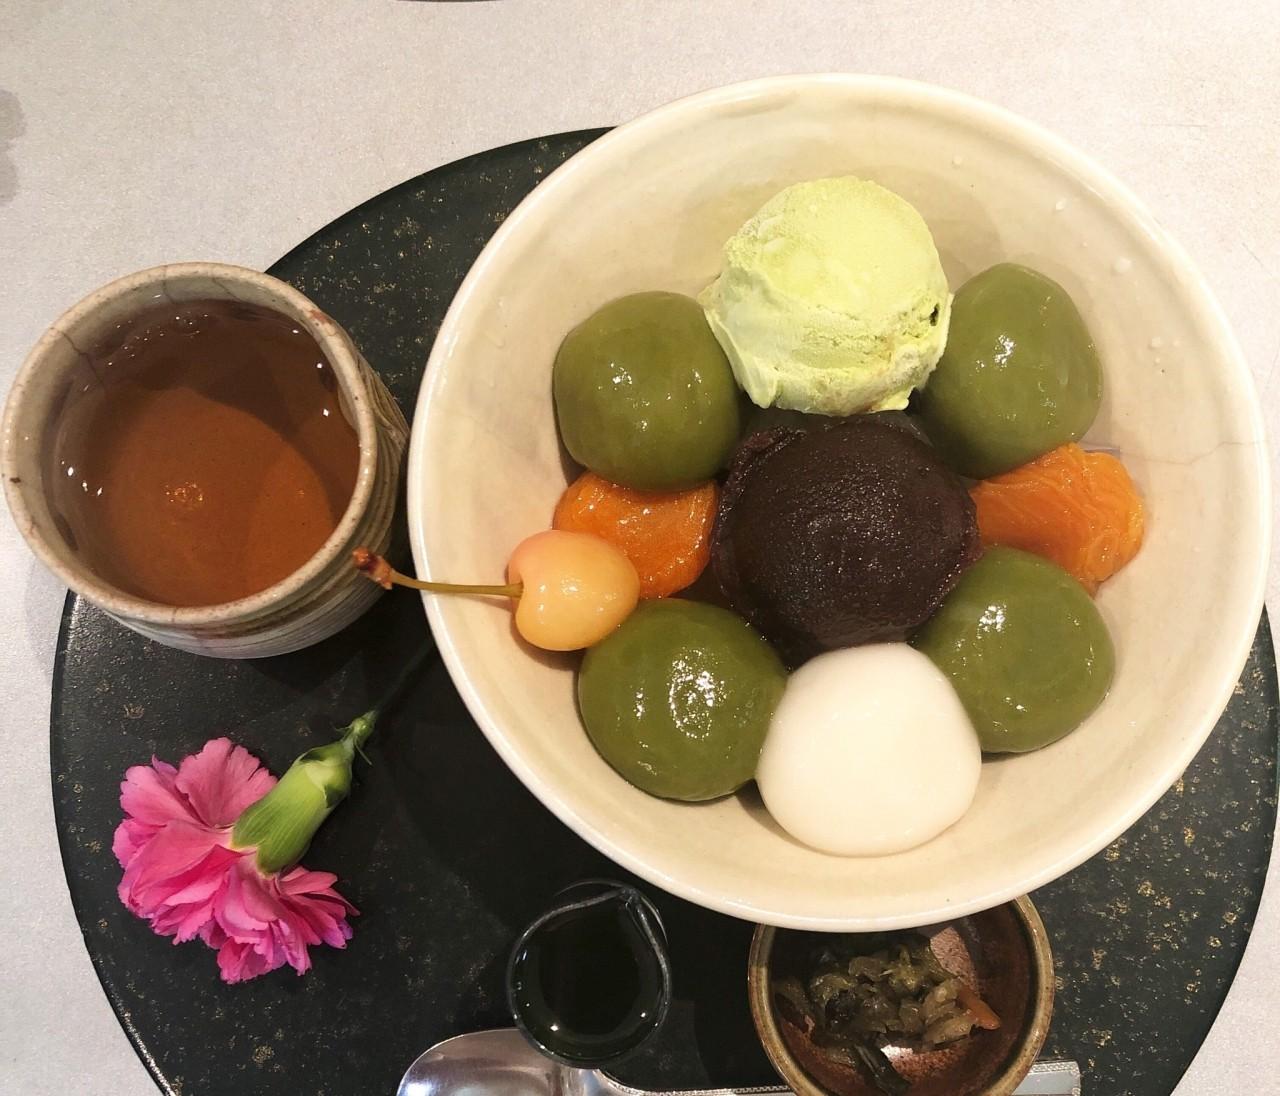 【鎌倉グルメ】行列の絶えない絶品白玉が食べられる和カフェとは?